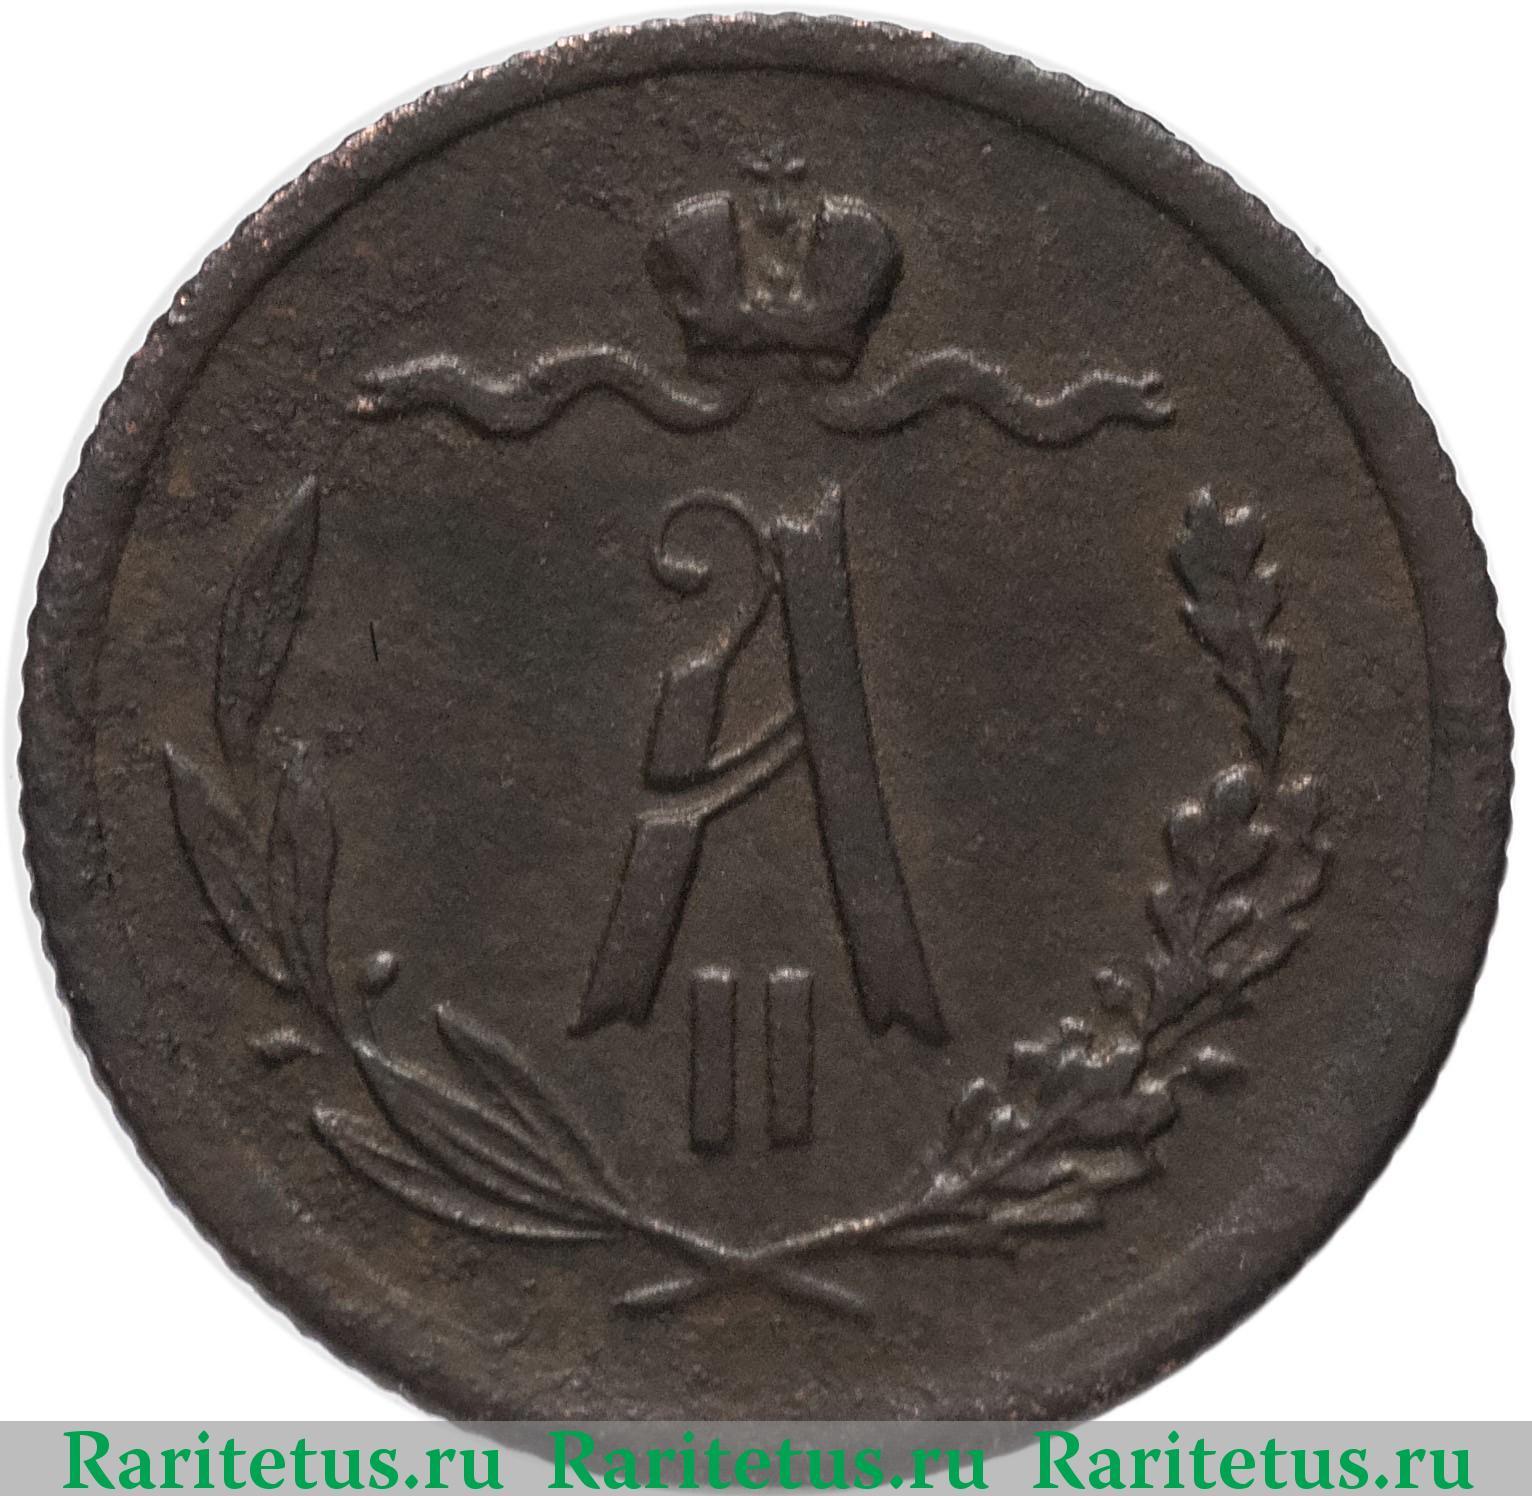 Стоимость монеты 1881 года 5 копеек куда сдавать редкие монеты